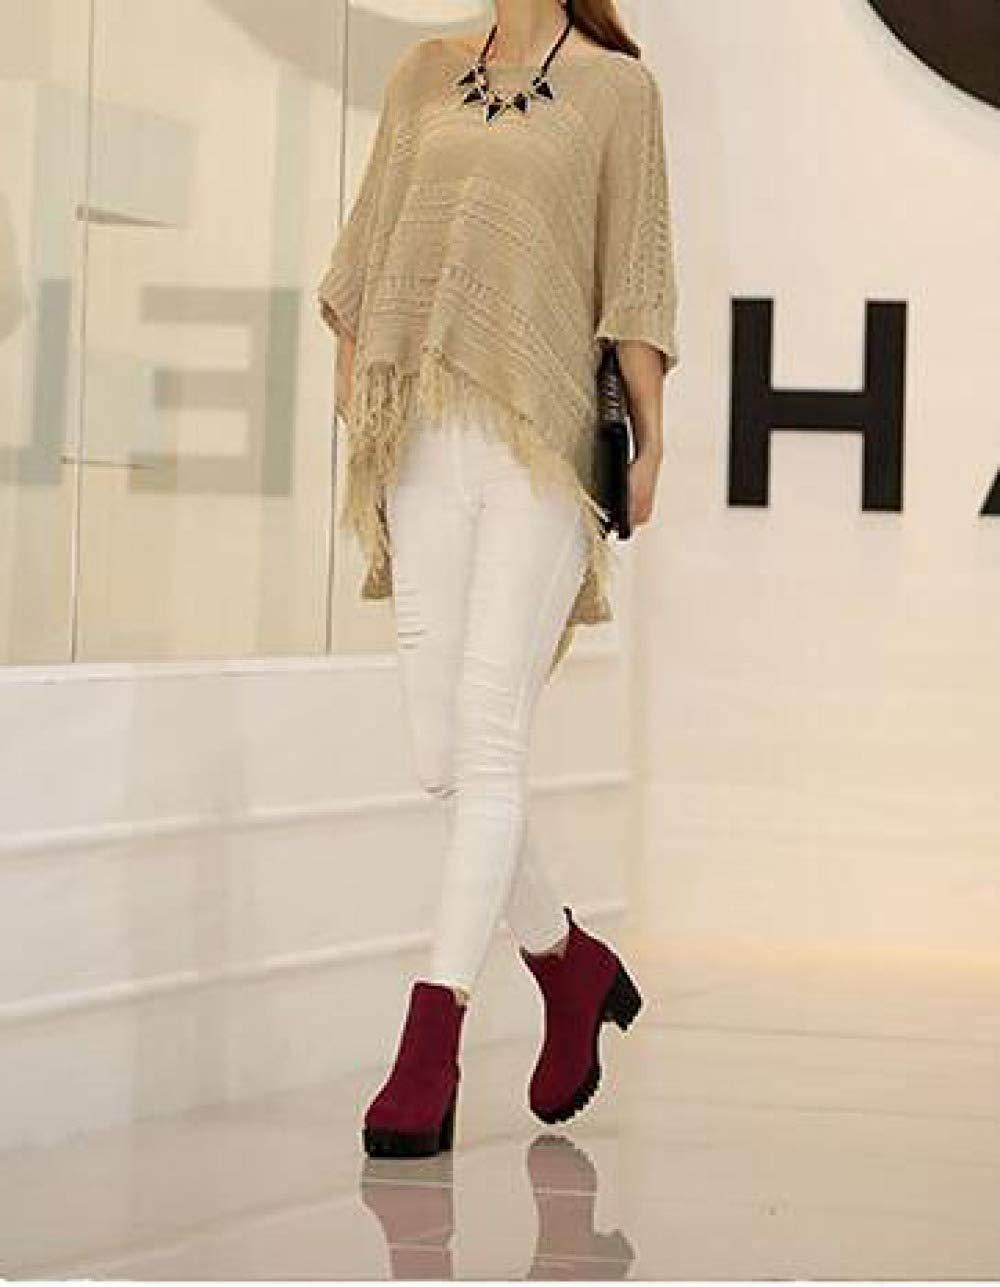 Oudan Weibliche Herbst Und Winter Mattleder High High High Heels Stiefeletten Baumwolle Schuhe (Farbe   C, Größe   34)  4411eb